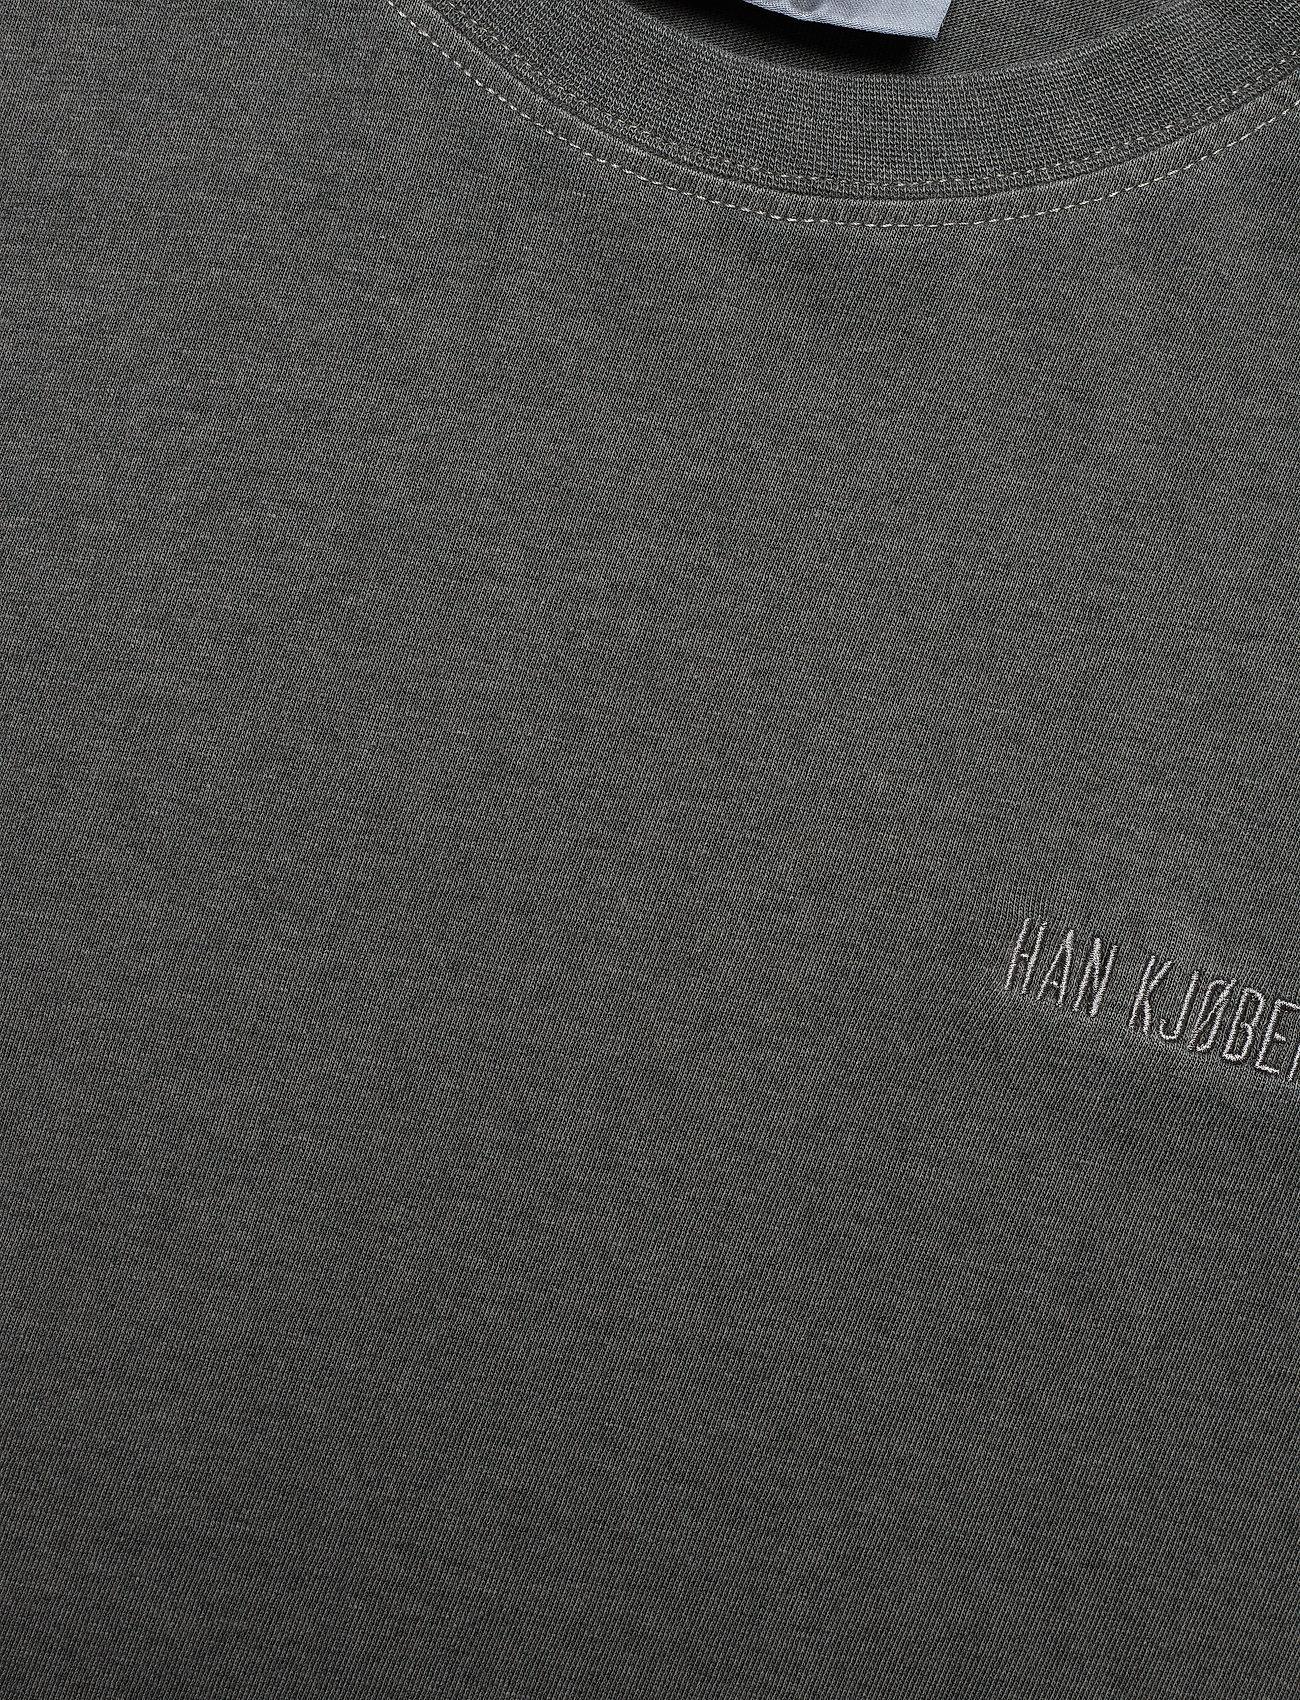 HAN Kjøbenhavn - Casual Tee - basic t-shirts - dark grey - 3